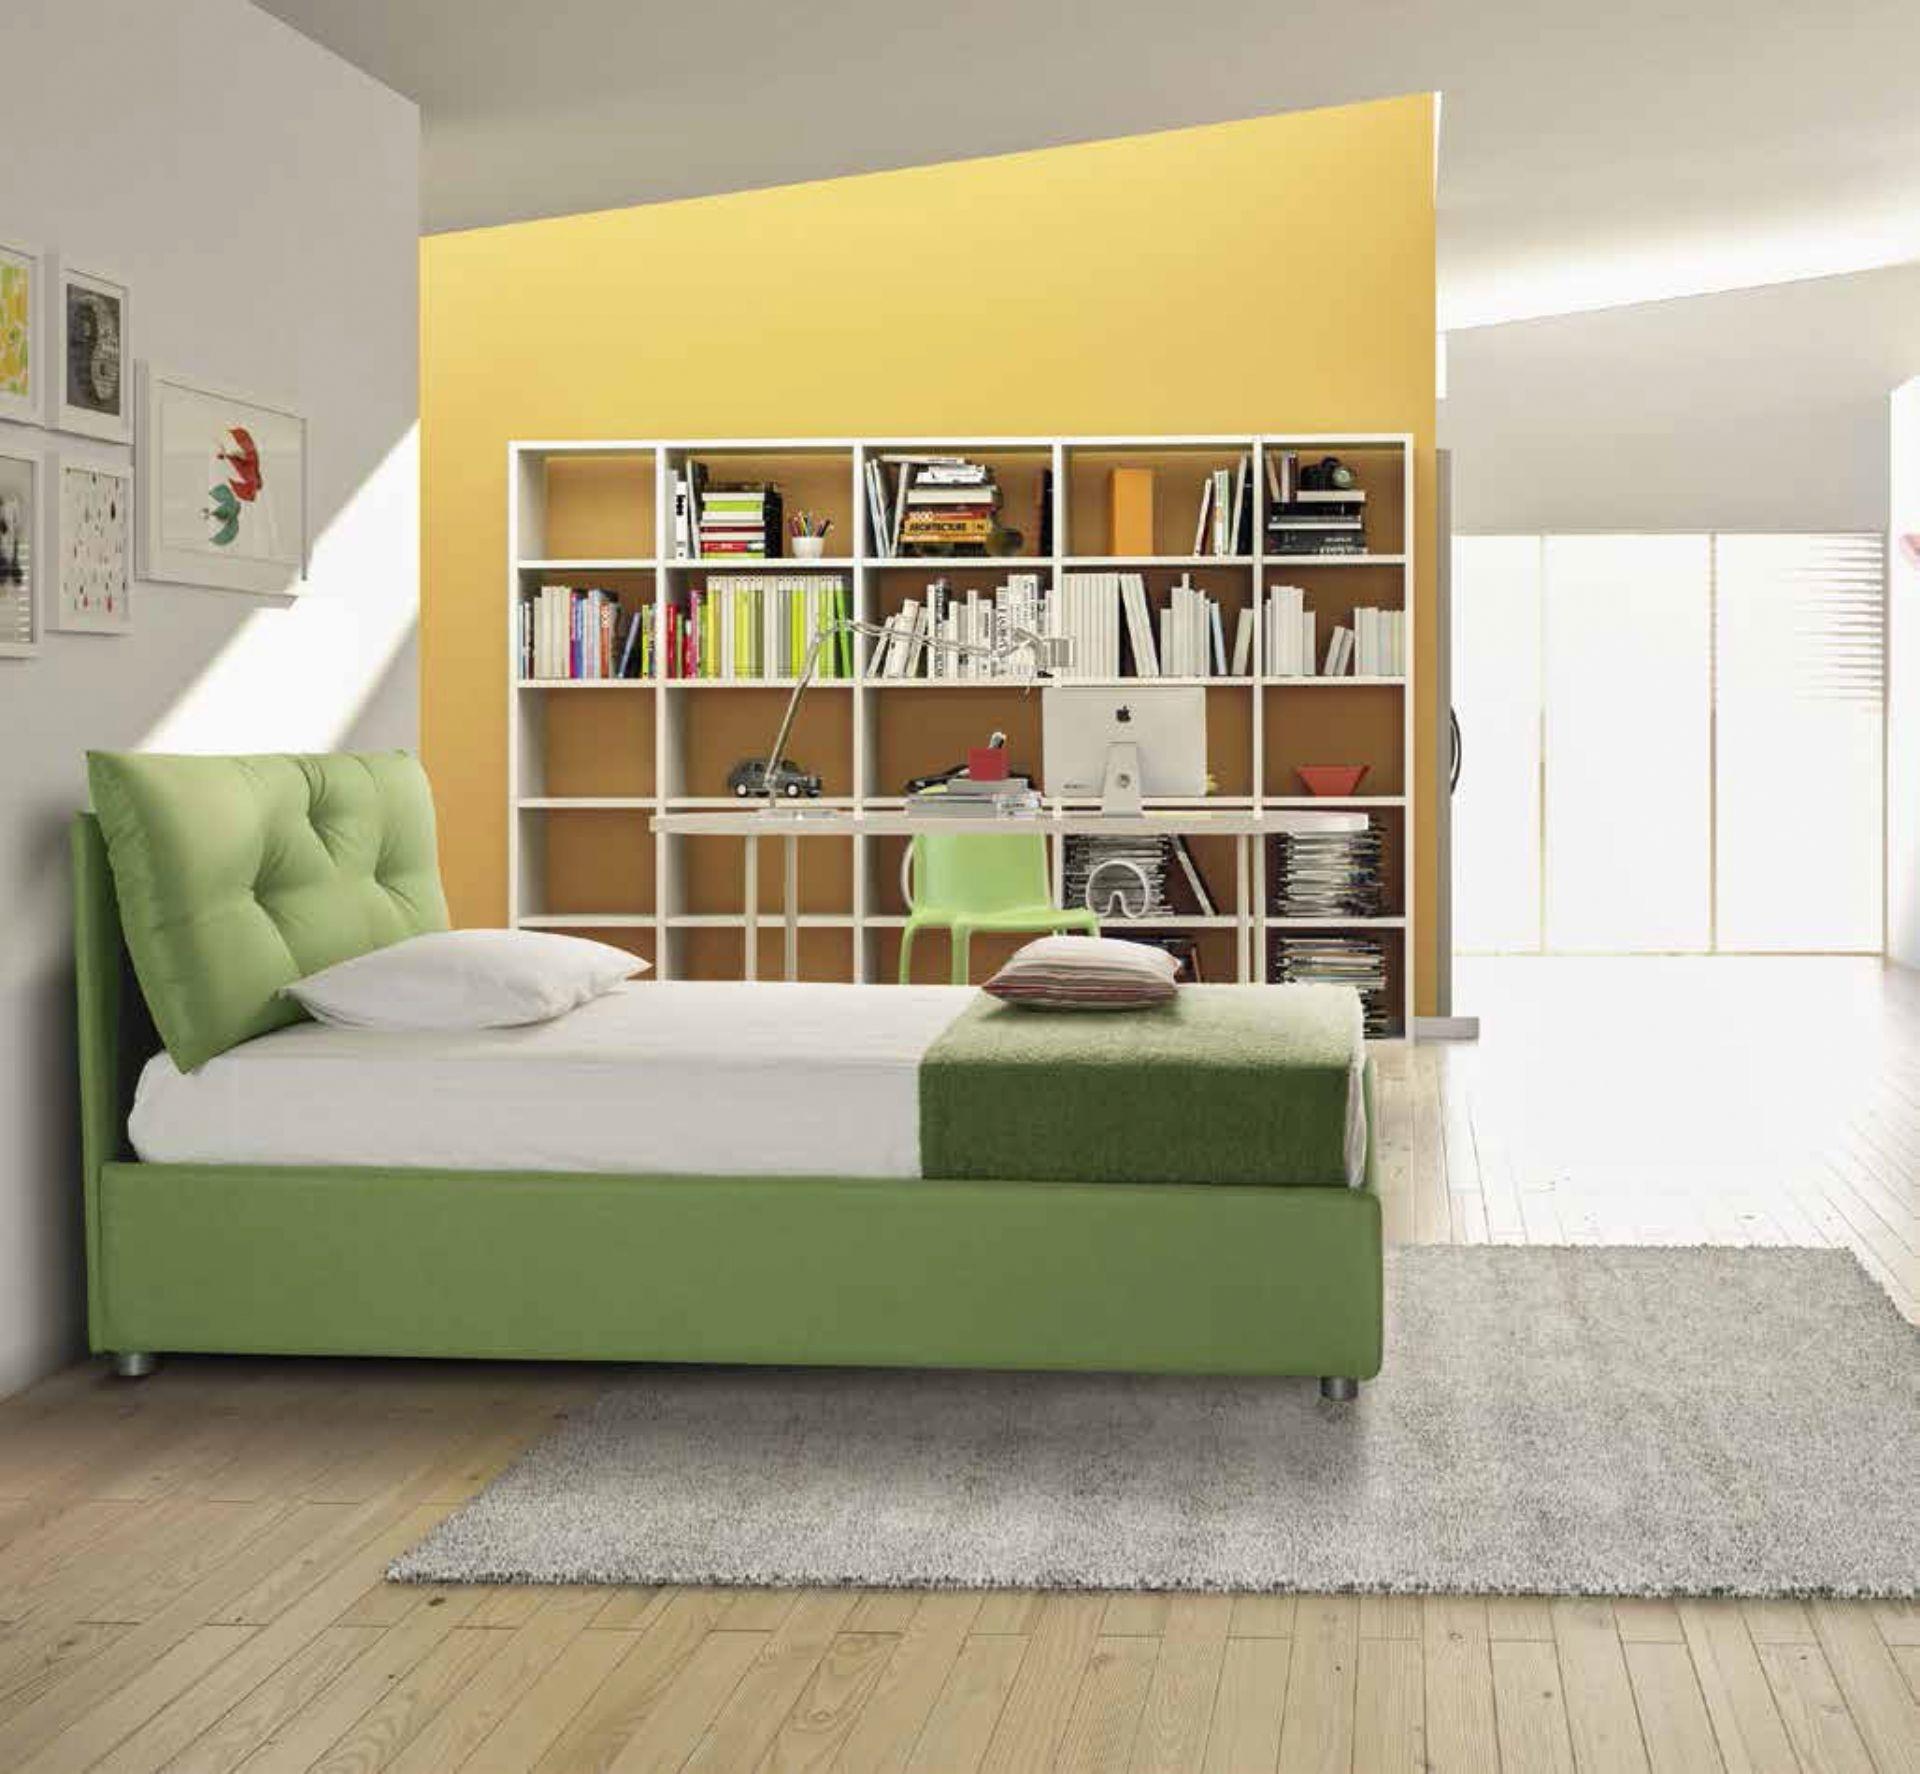 Offerta Letto Singolo Con Materasso: Del letto da a terra per rete di dimensioni il. Letto ...